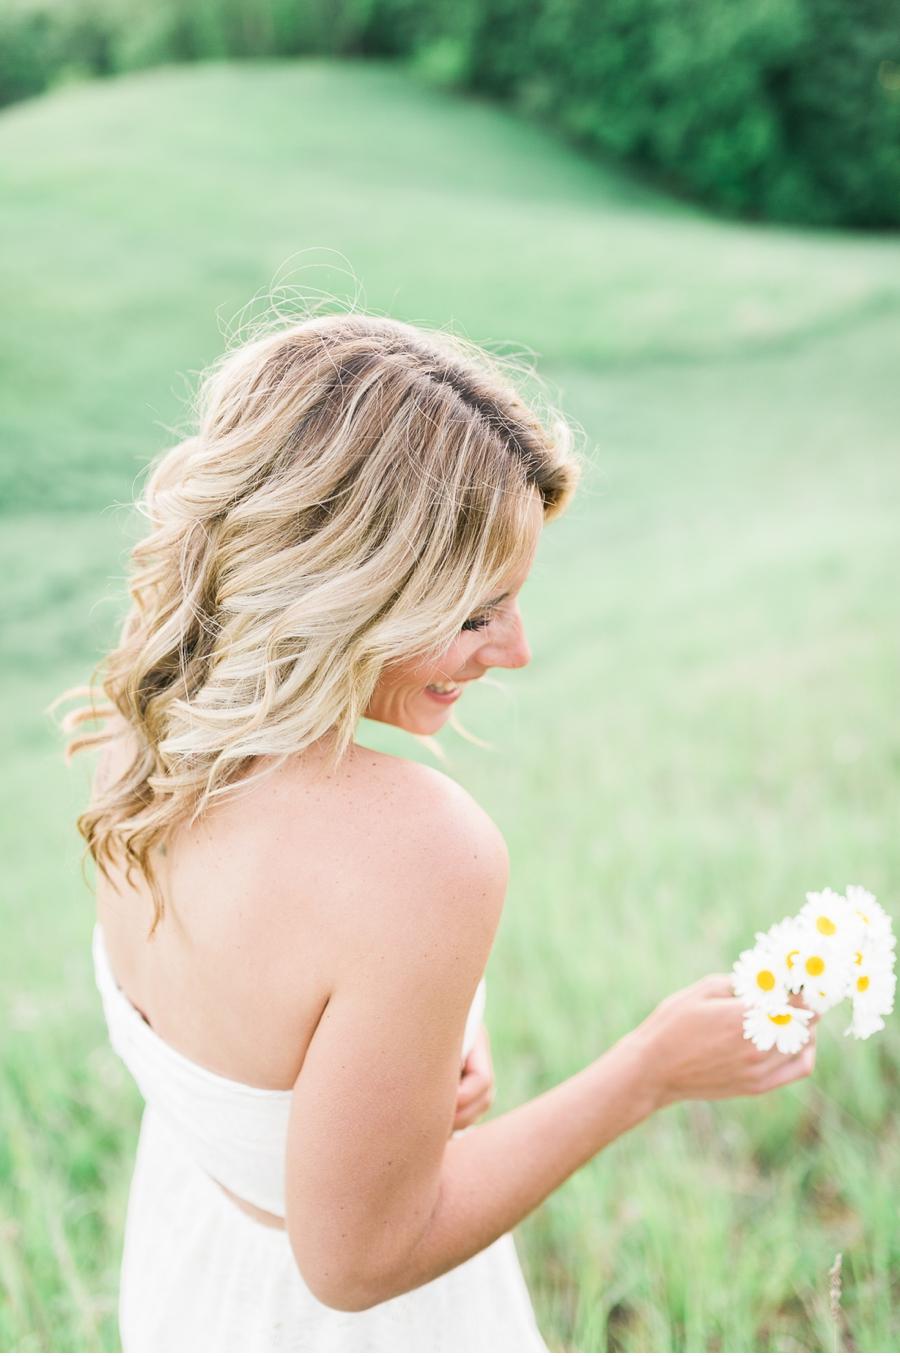 Summer-Engagement-Shoot-Inspiration